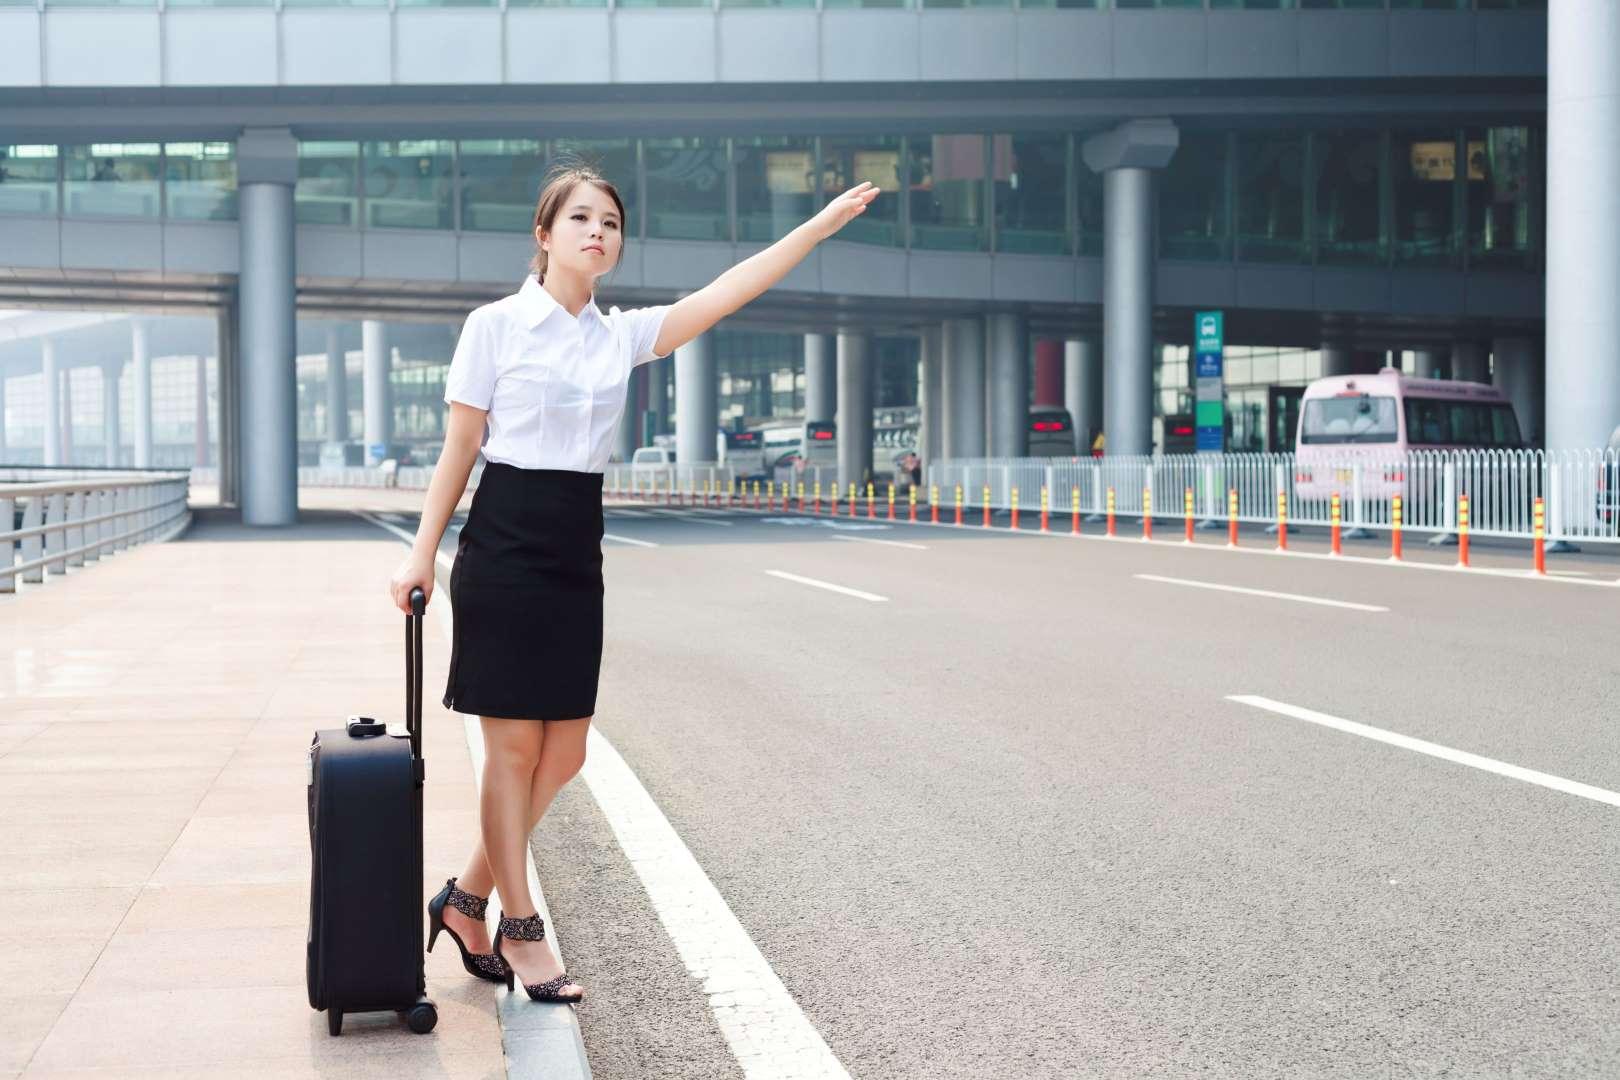 Ταξιδέψτε έξυπνα: 20 κόλπα για επαγγελματικά ή προσωπικά ταξίδια (Photos)